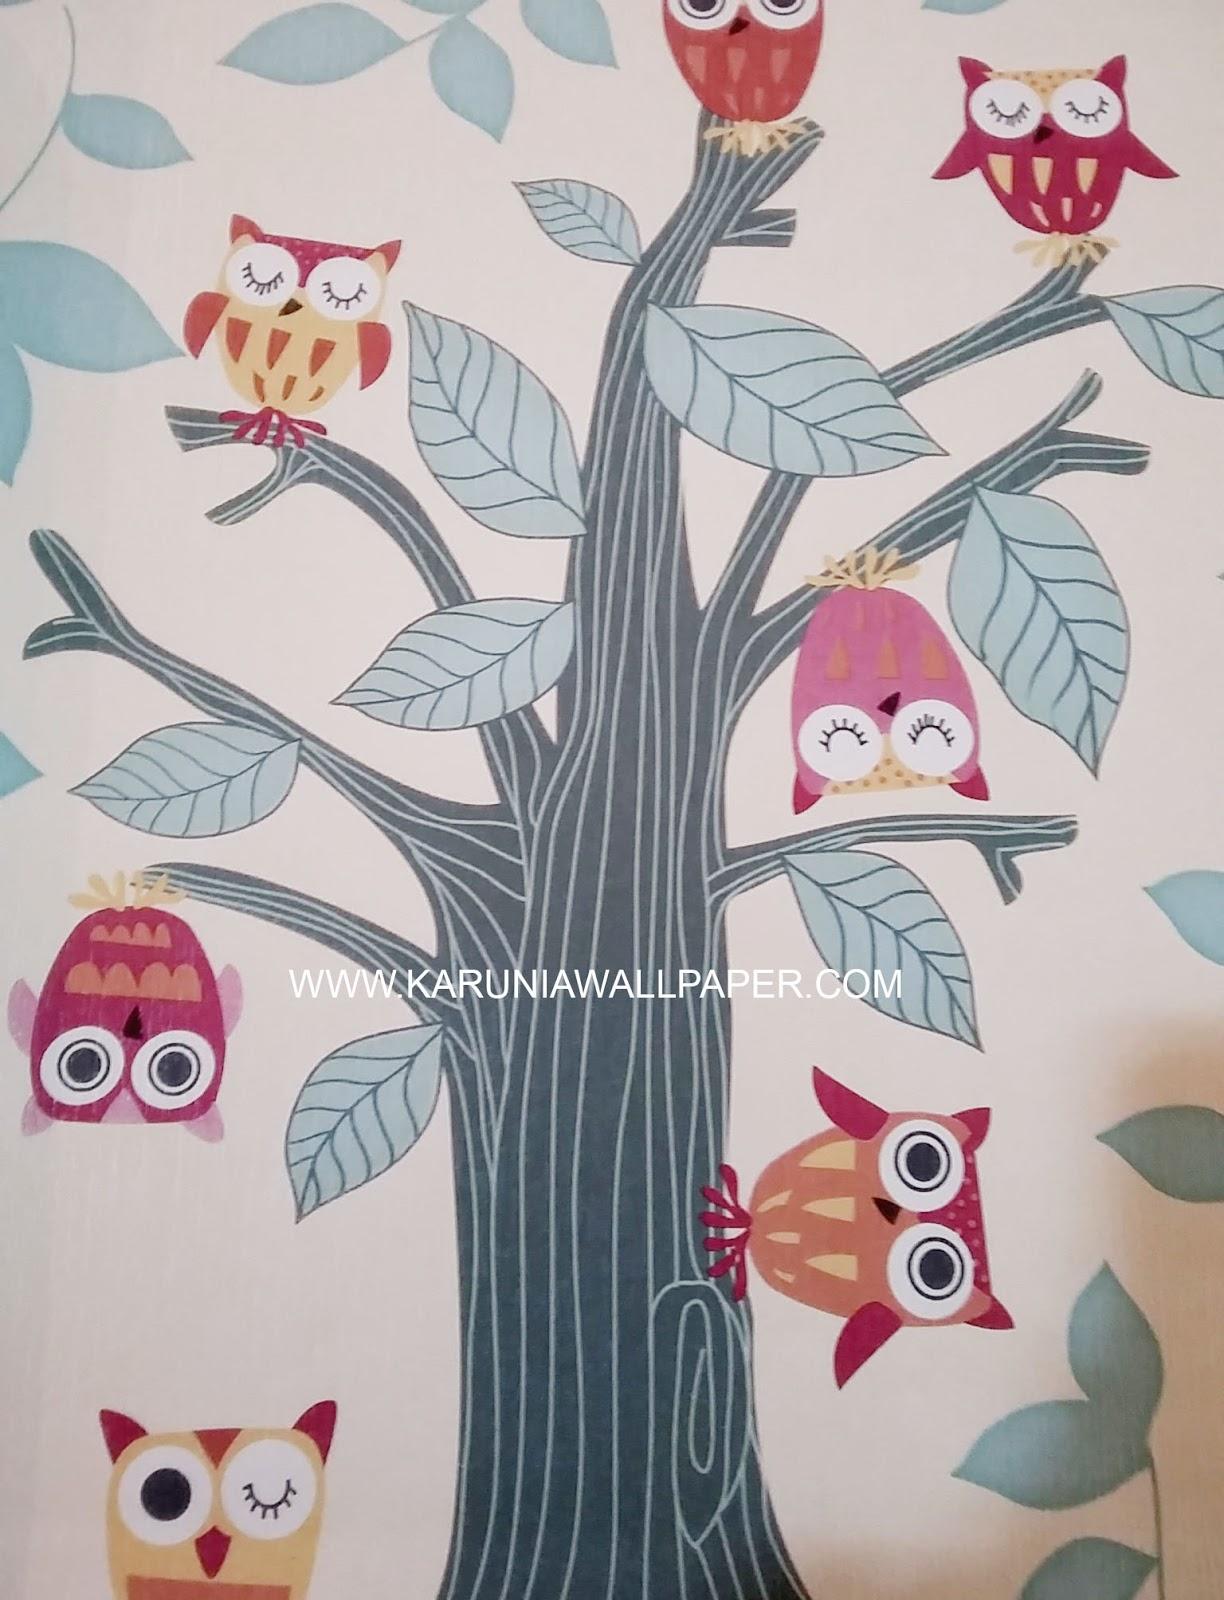 Gambar Wallpaper Lucu Untuk Wa  Kampung Wallpaper